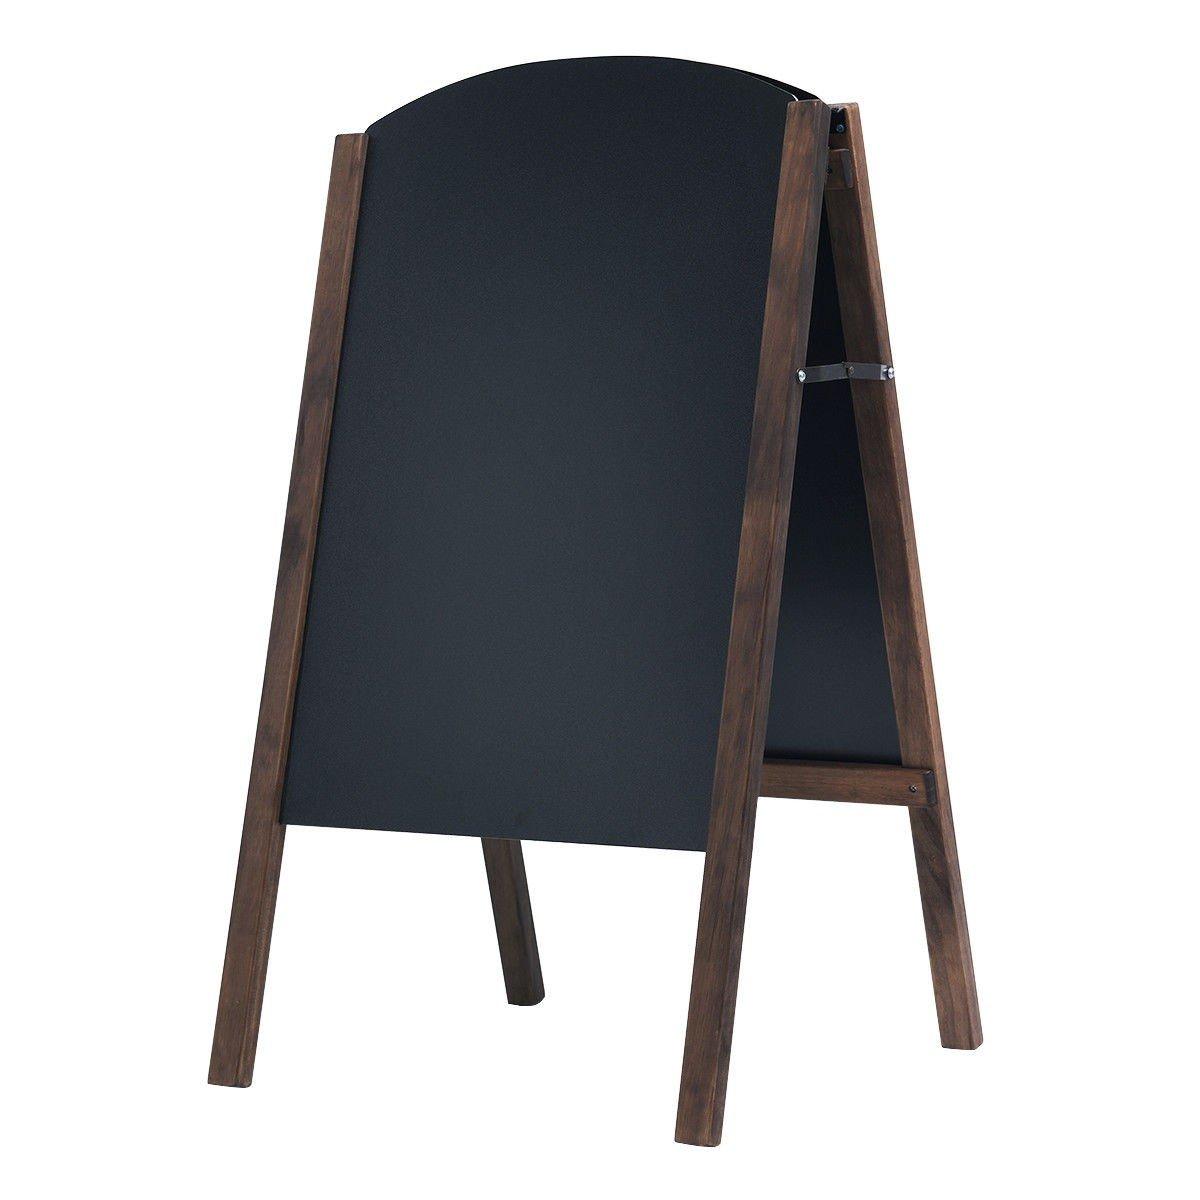 USA_BEST_SELLER 31.5'' Wood A-Frame Sidewalk Signage Chalkboard Rustic Magnets Wall Large Wood Frame Boards